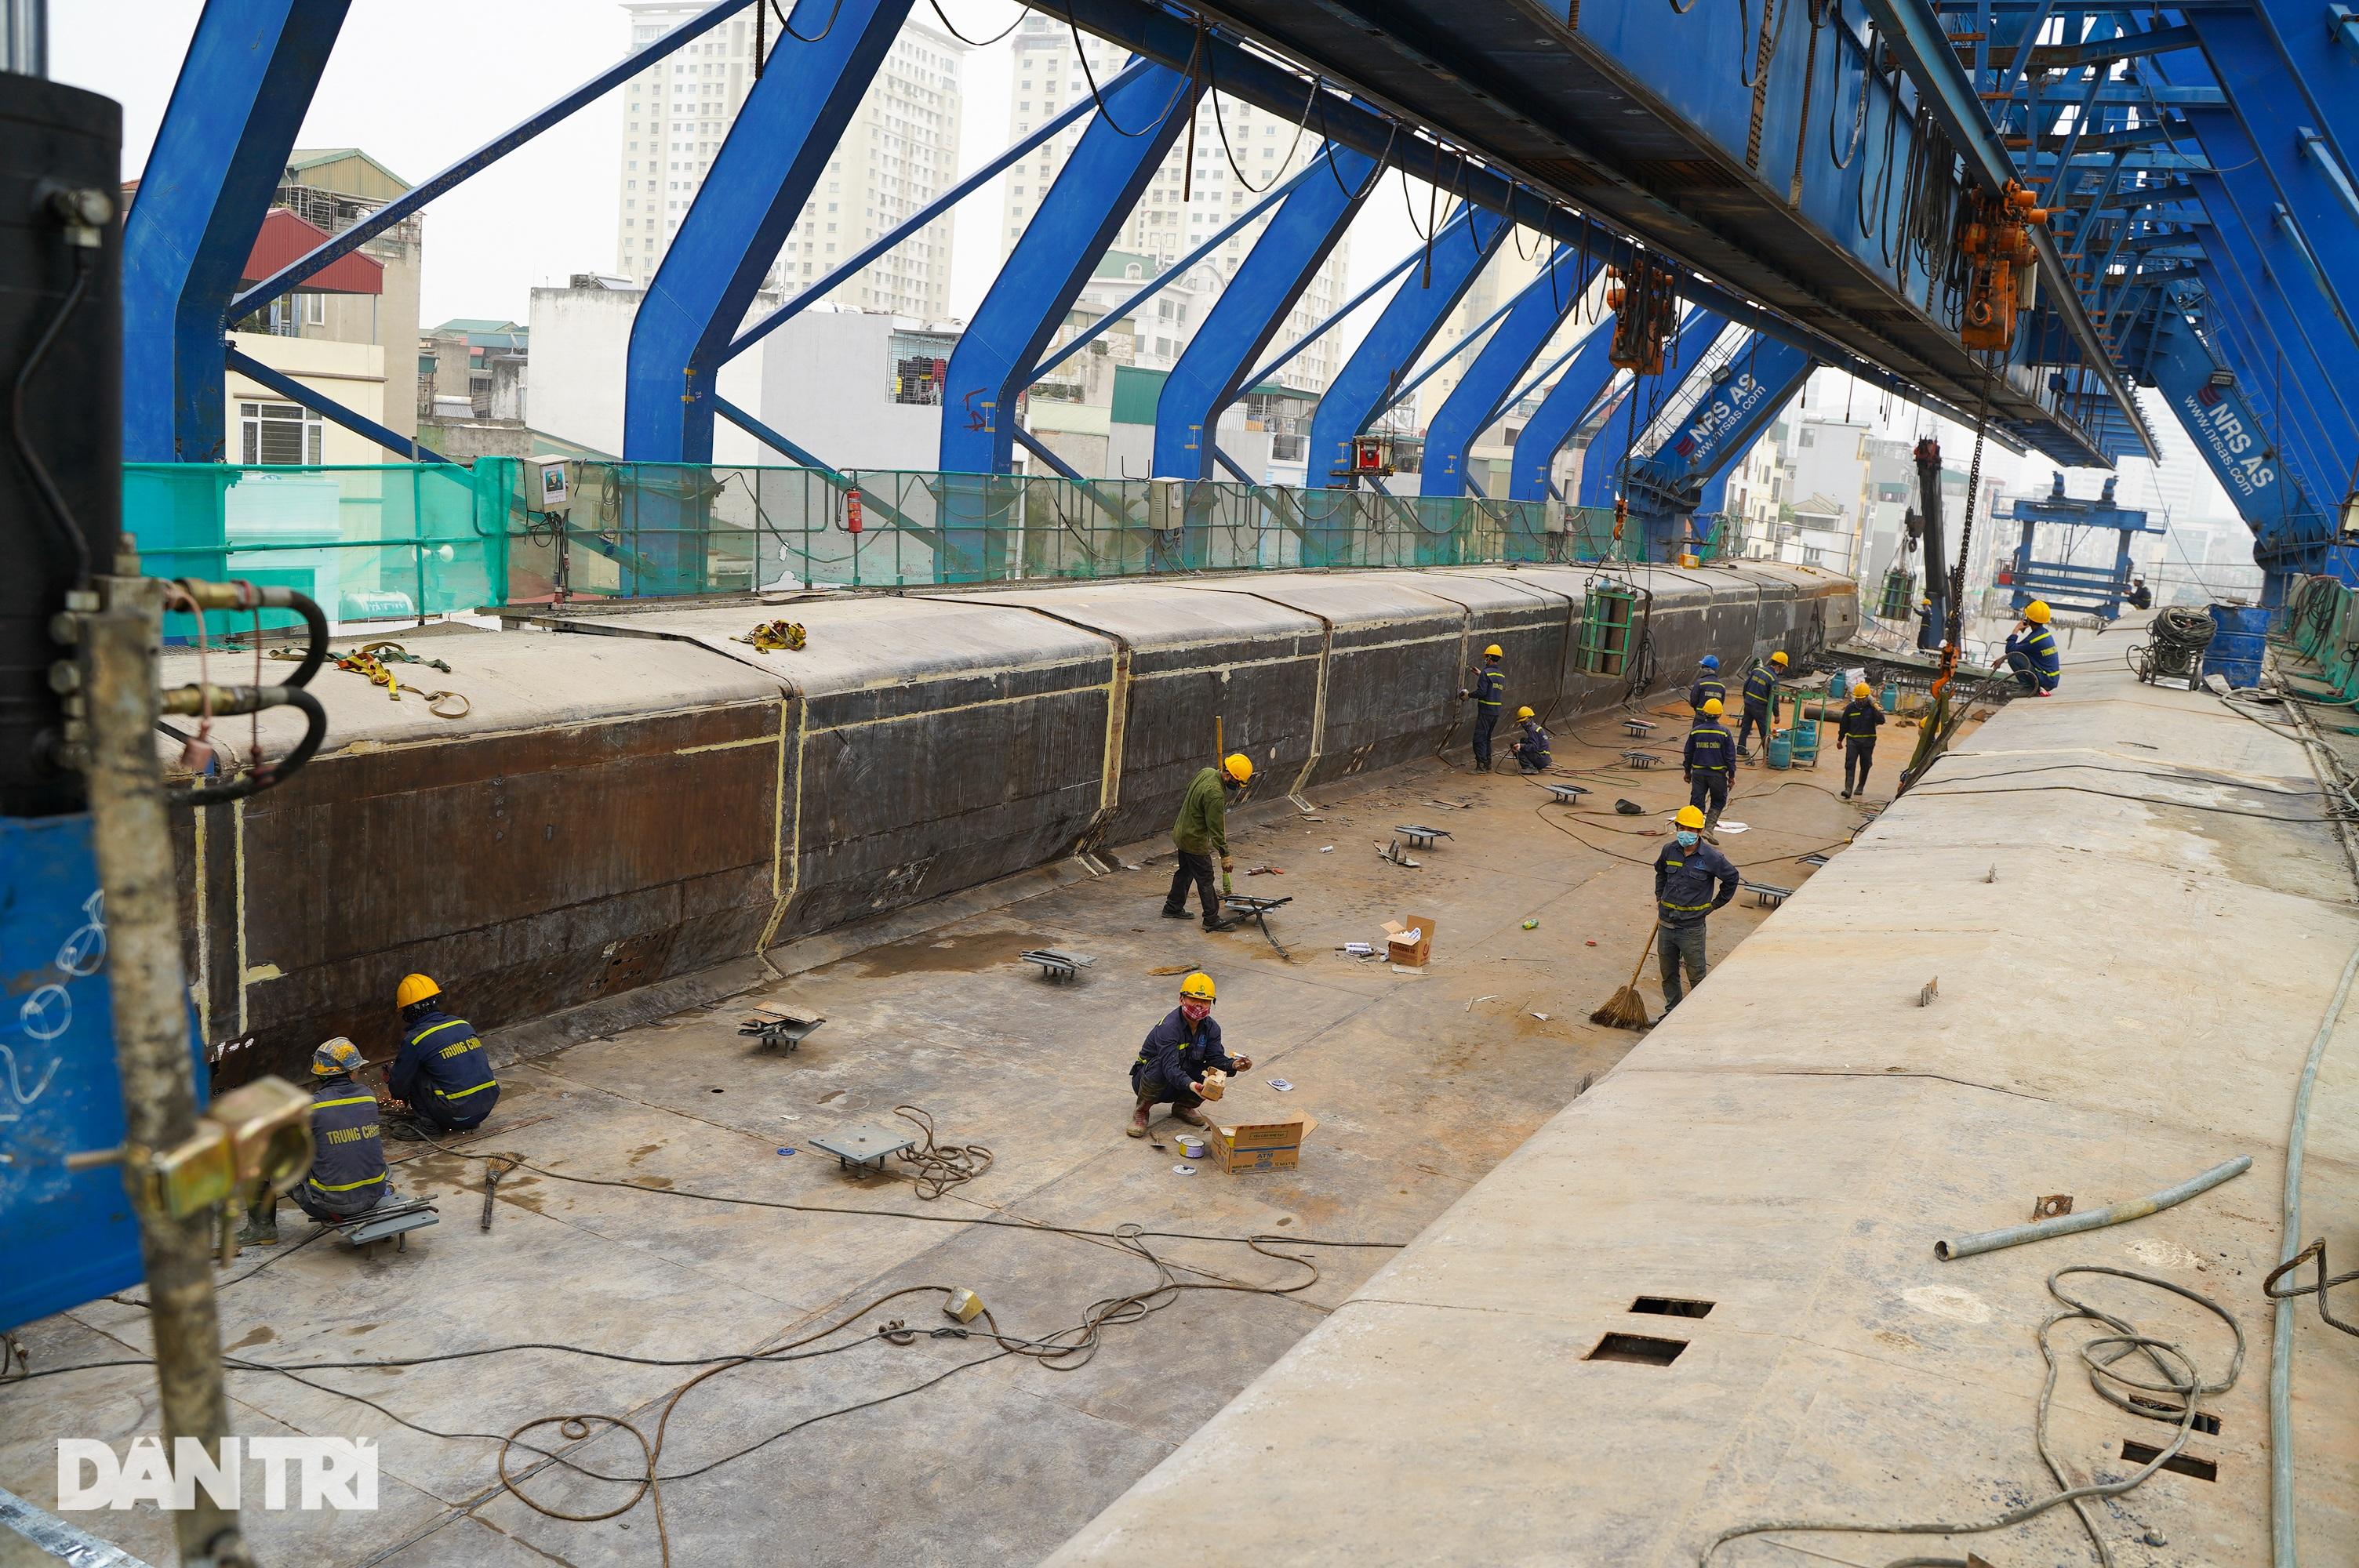 Cận cảnh đại công trường xây dựng đường vành đai 2 gần 10.000 tỷ đồng - 3